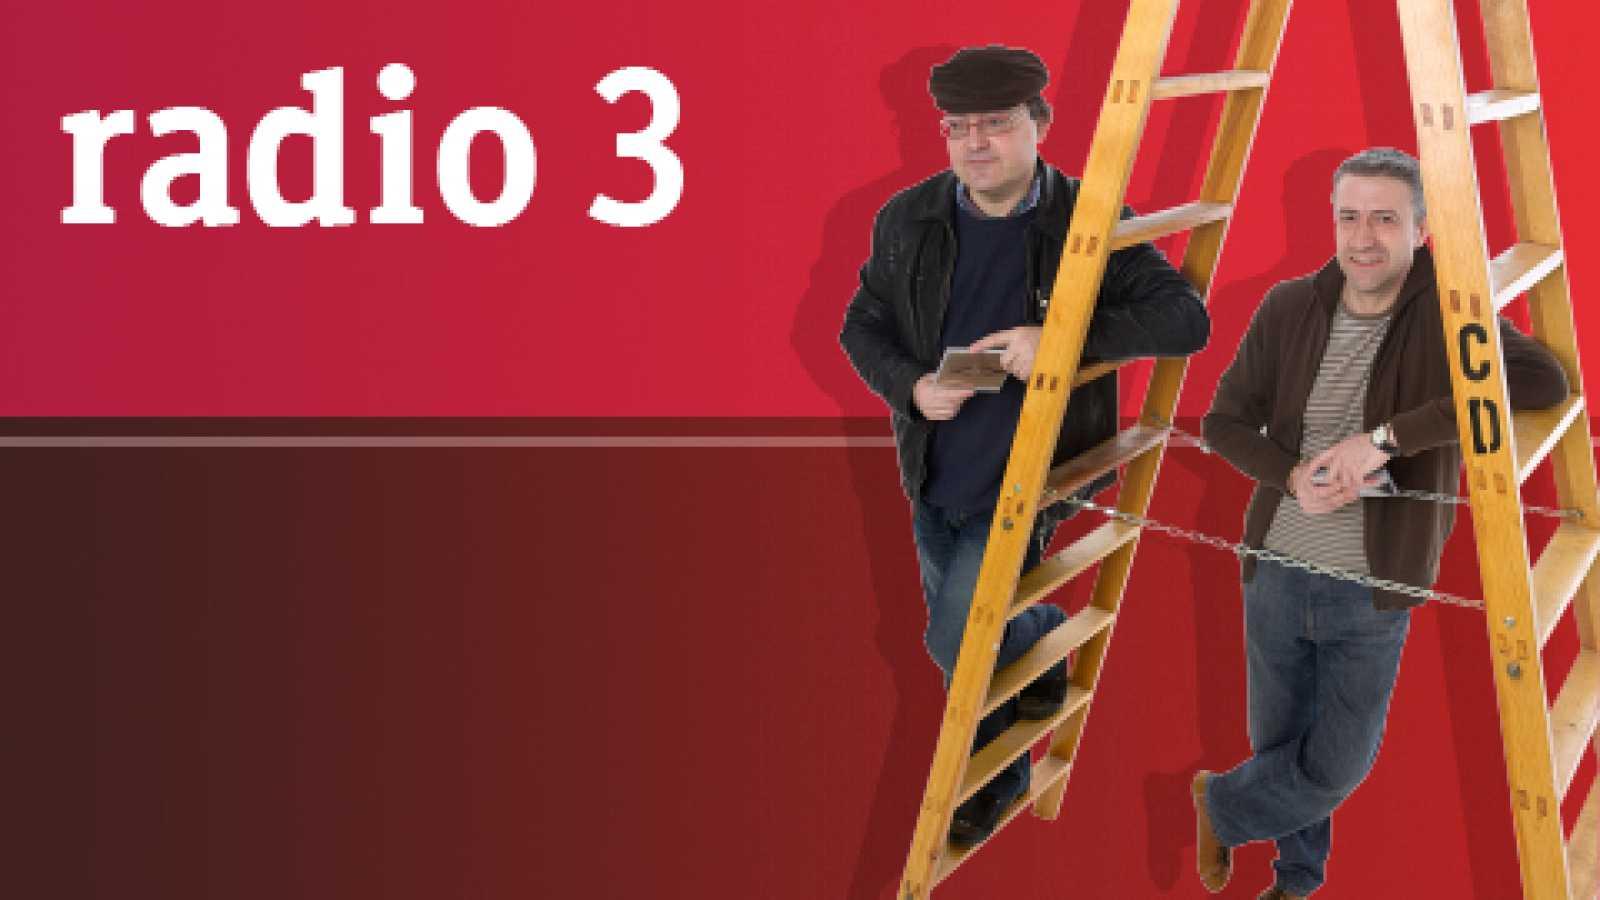 El Hexágono - Encuentro hispano-francés 27 - 30/01/21 - escuchar ahora